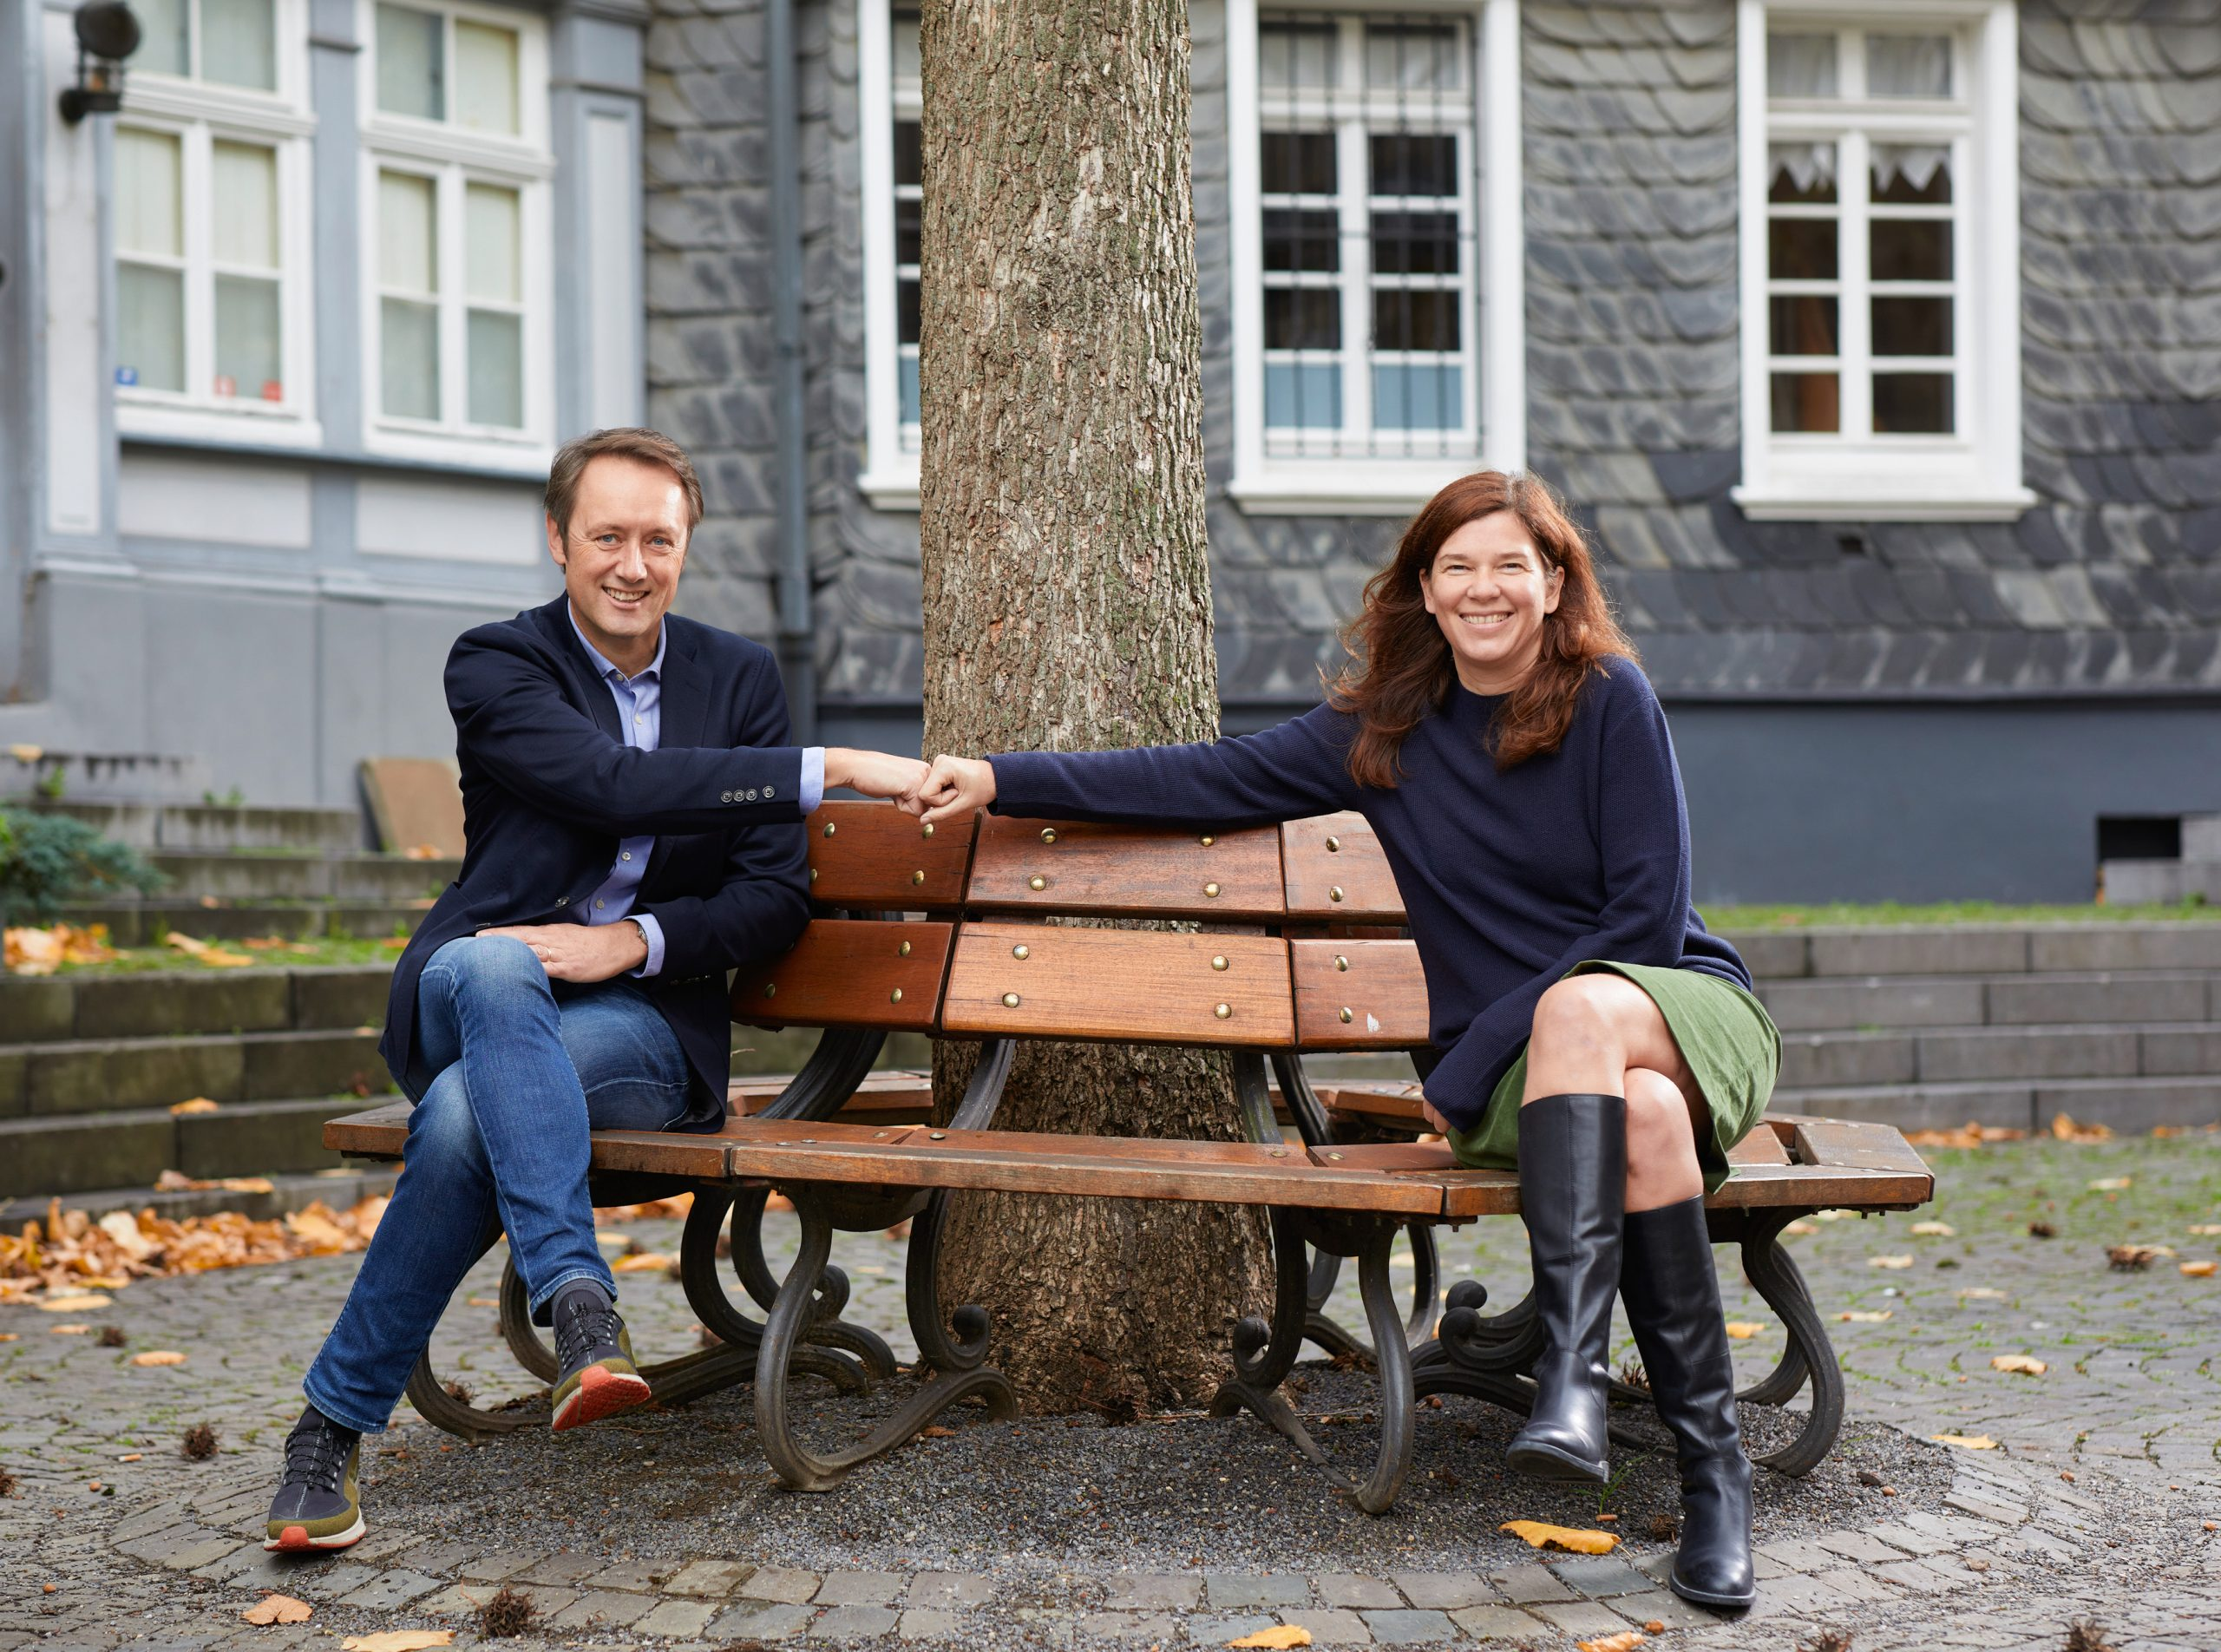 Nick und Schüren starten auf aussichtsreichen Listenplätzen in den Bundestagswahlkampf